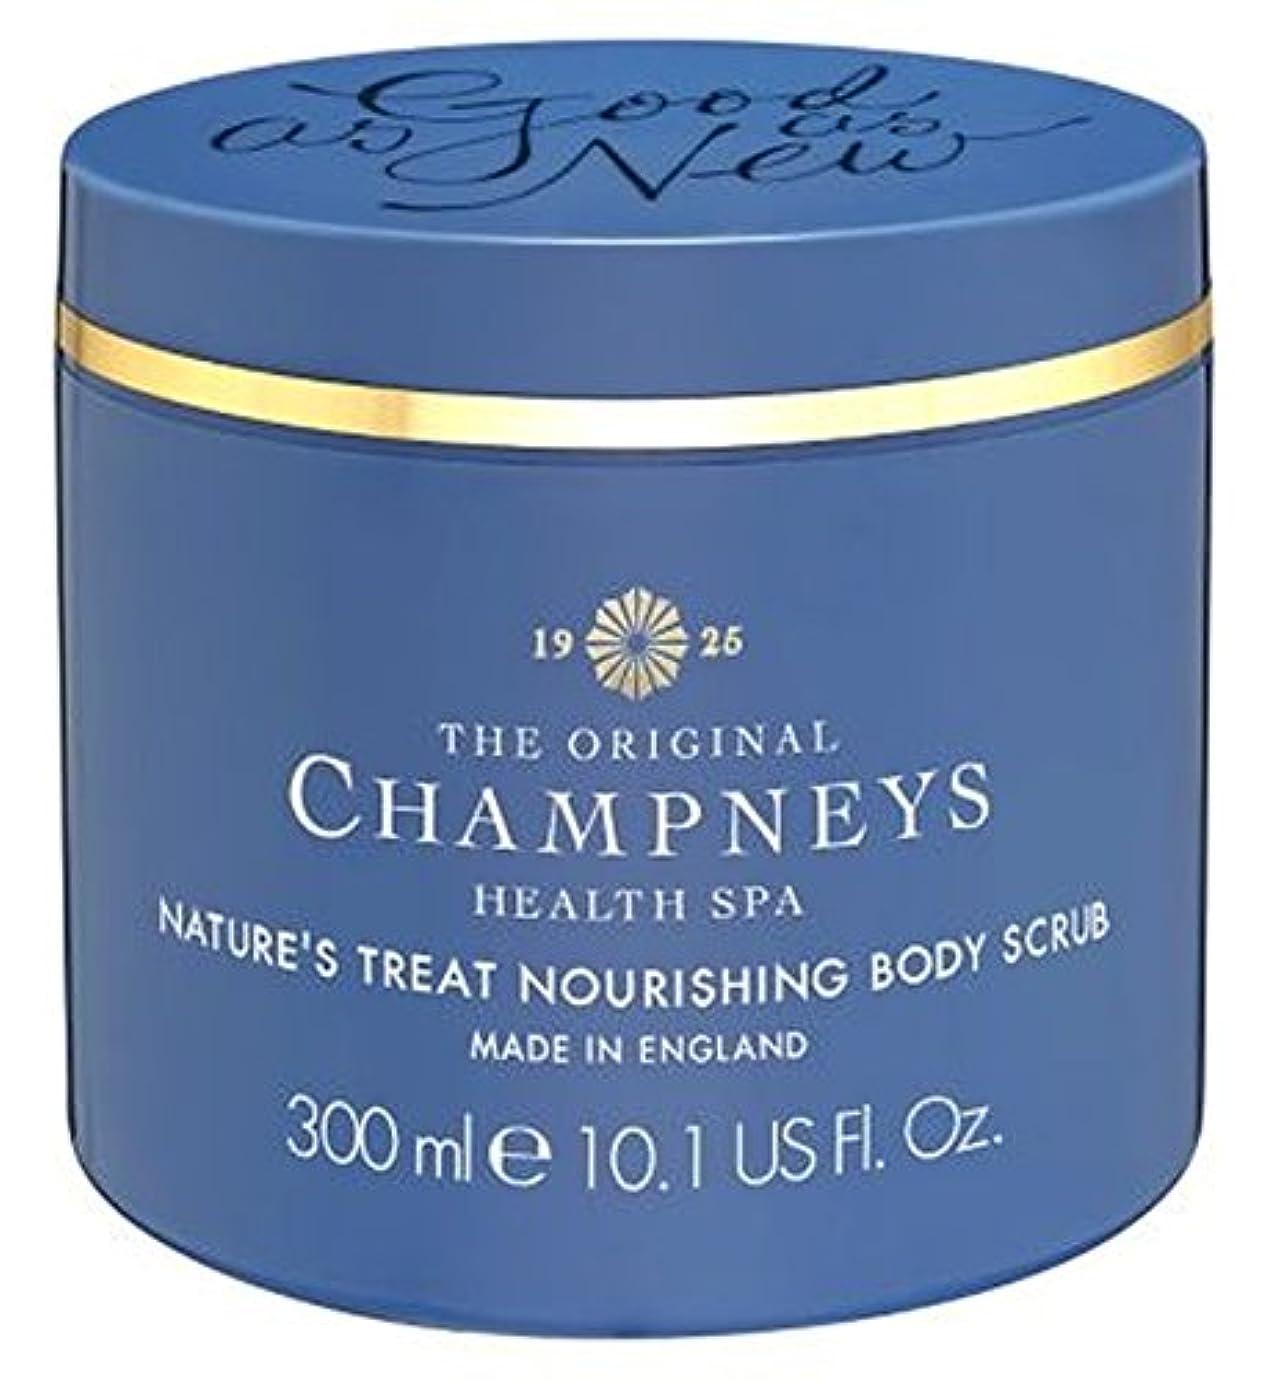 マダム山曲線Champneys Nature's Treat Nourishing Body Scrub 300ml - チャンプニーズの自然の御馳走栄養ボディスクラブ300ミリリットル (Champneys) [並行輸入品]